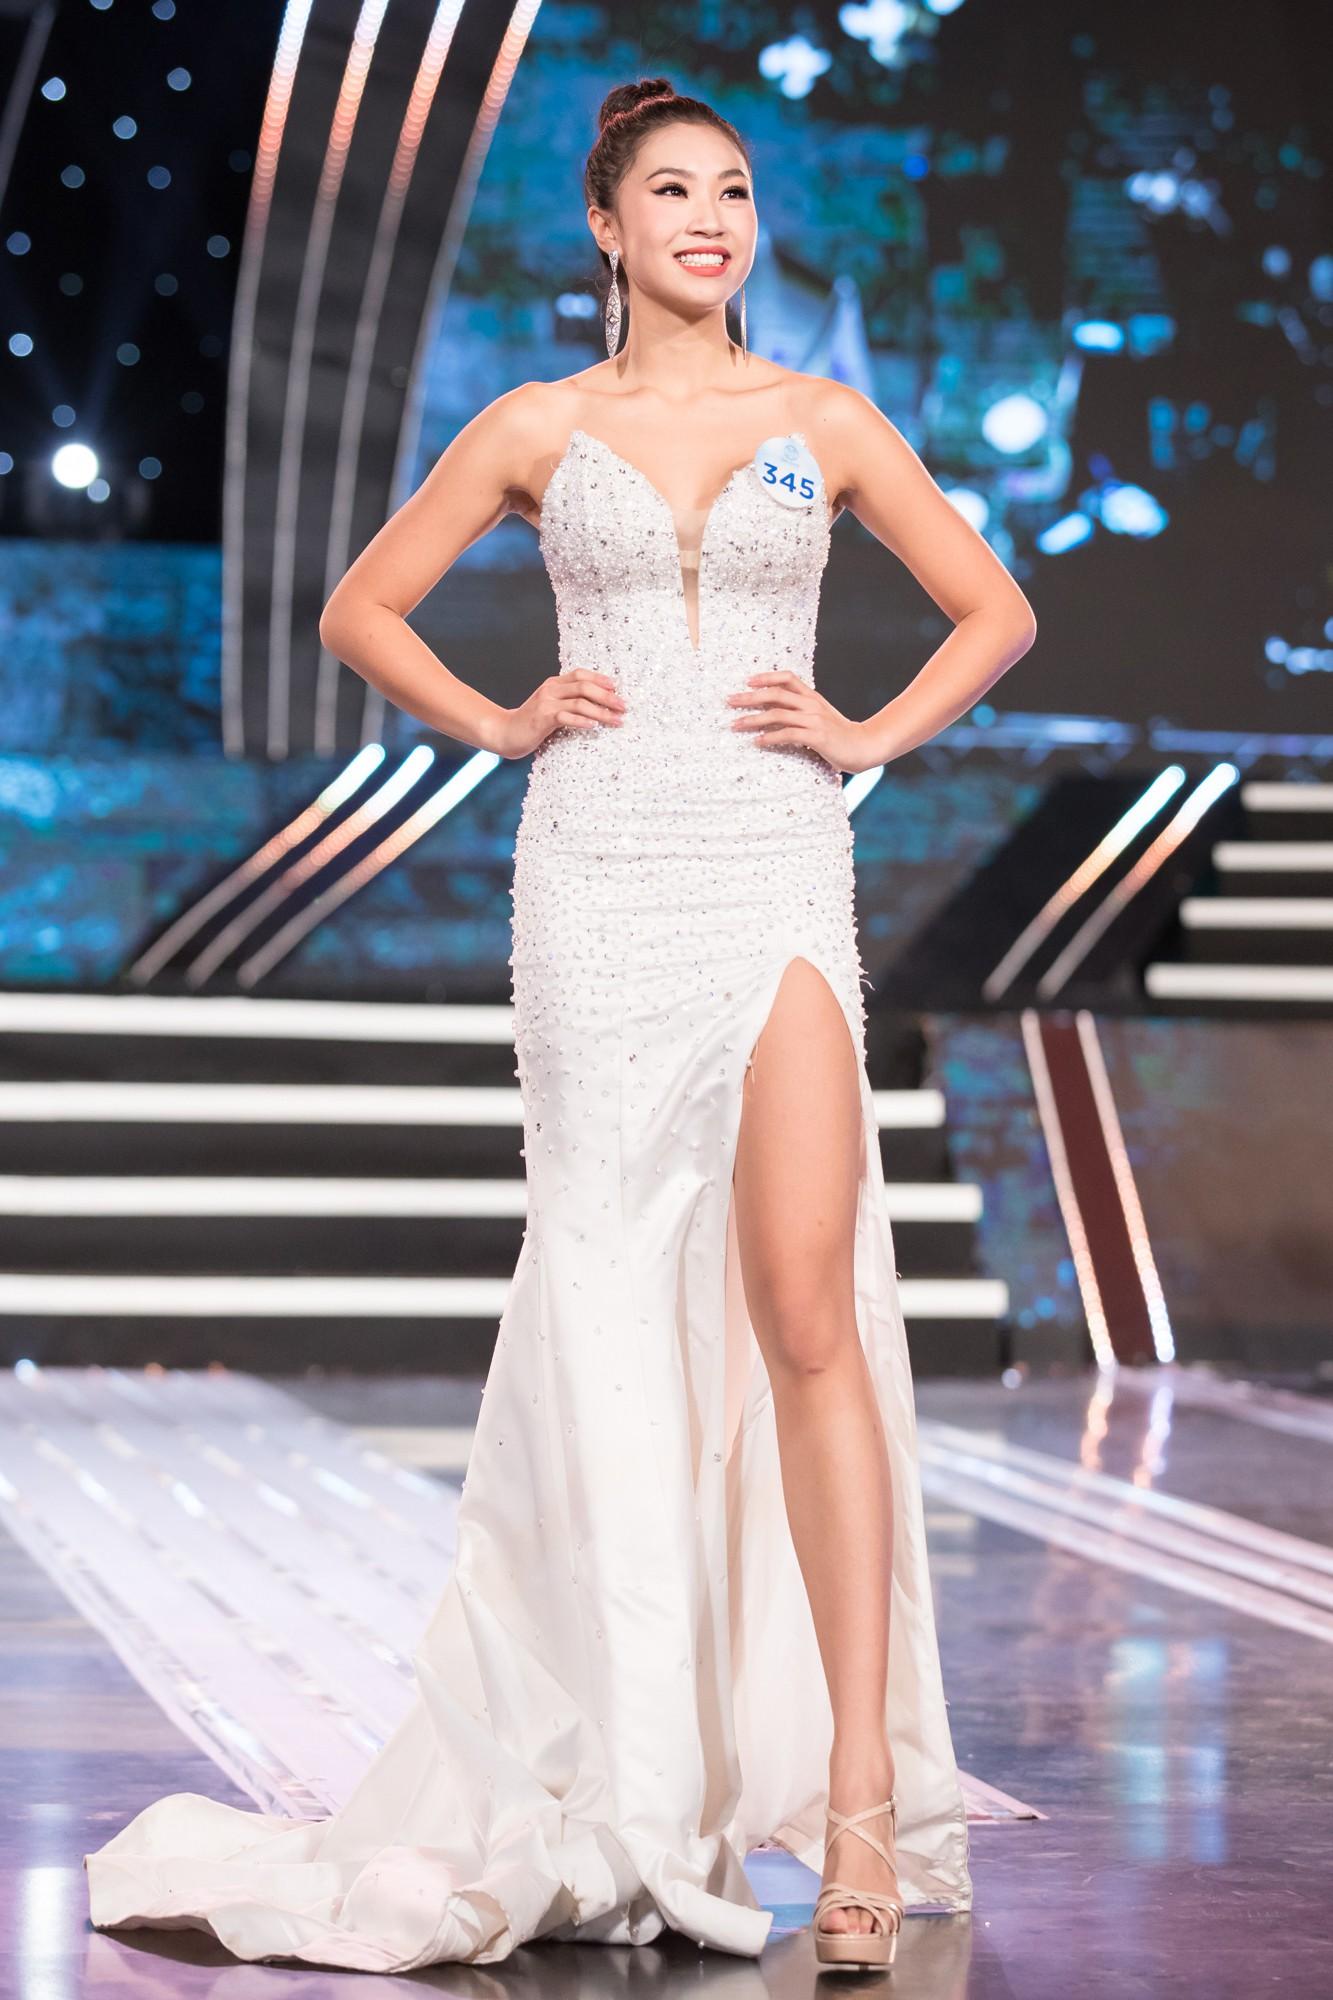 Soi nhan sắc 20 cô gái phía Bắc vừa lọt Chung kết Miss World VN: Thí sinh mặt đẹp nhất lại lộ vóc dáng đô con, thiếu đường cong-8